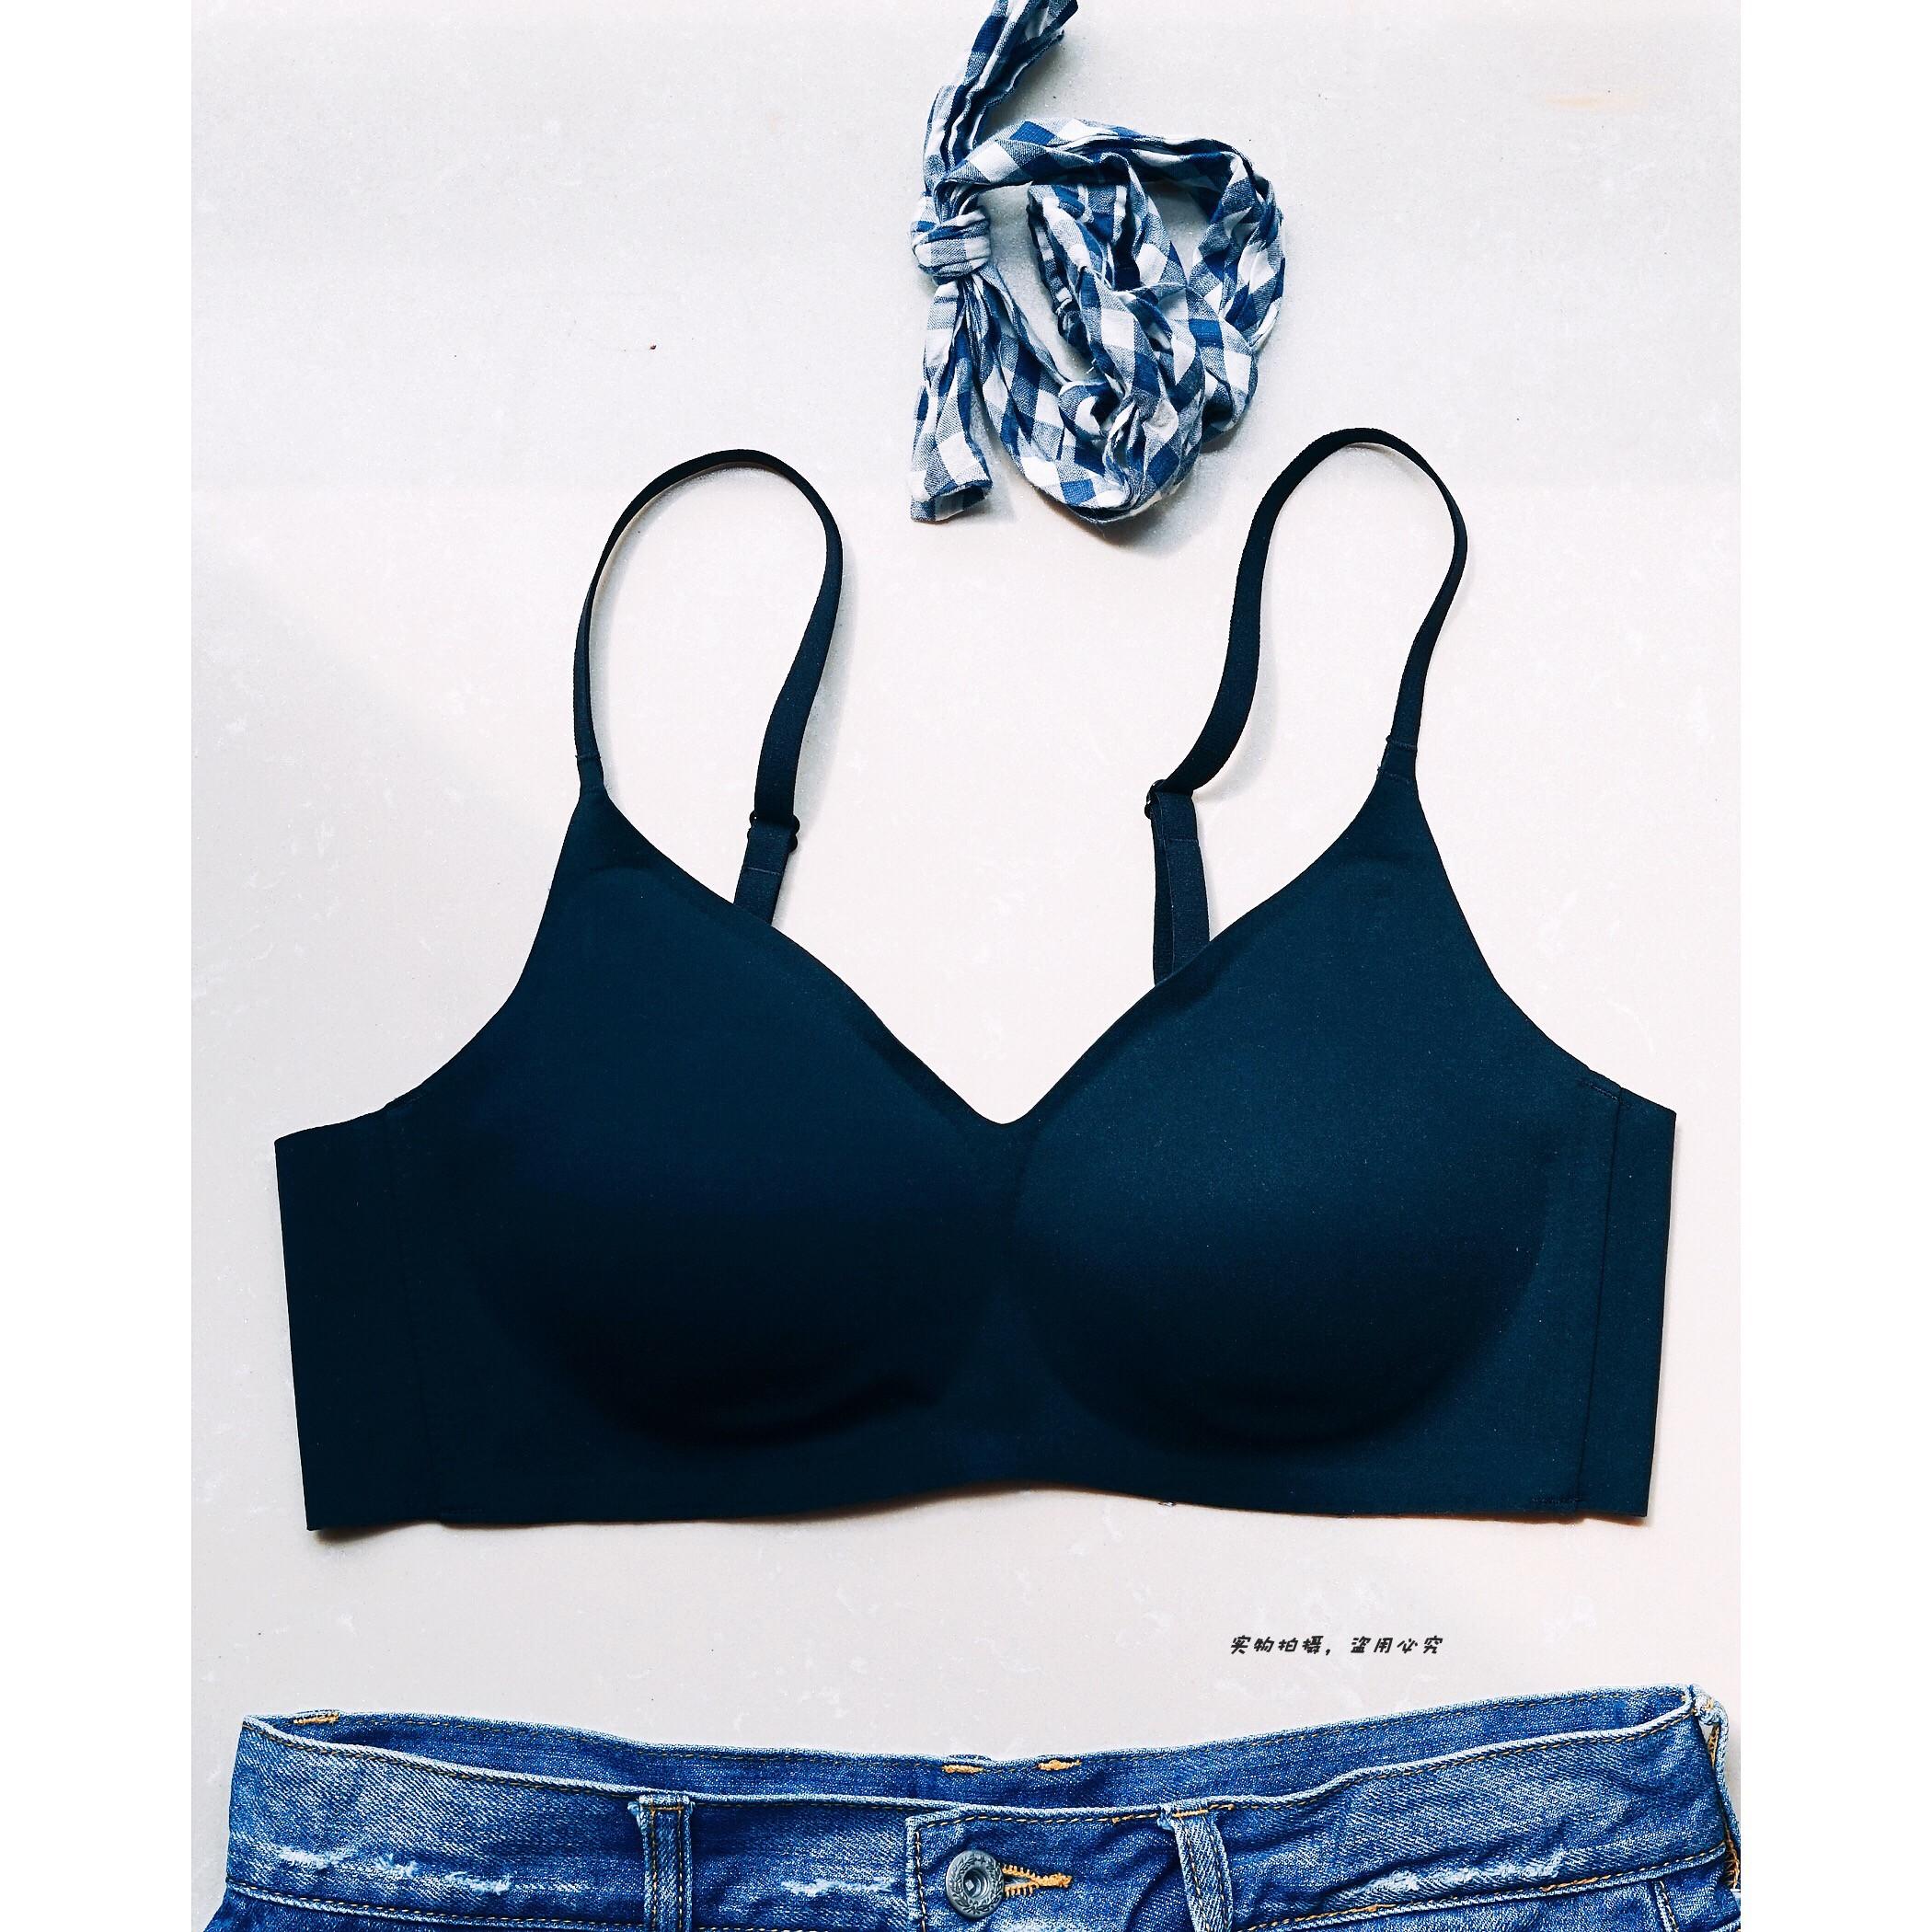 Summer new underwear girl bra gathered no steel ring shoulder belt adjustable bra no trace sleep student bra